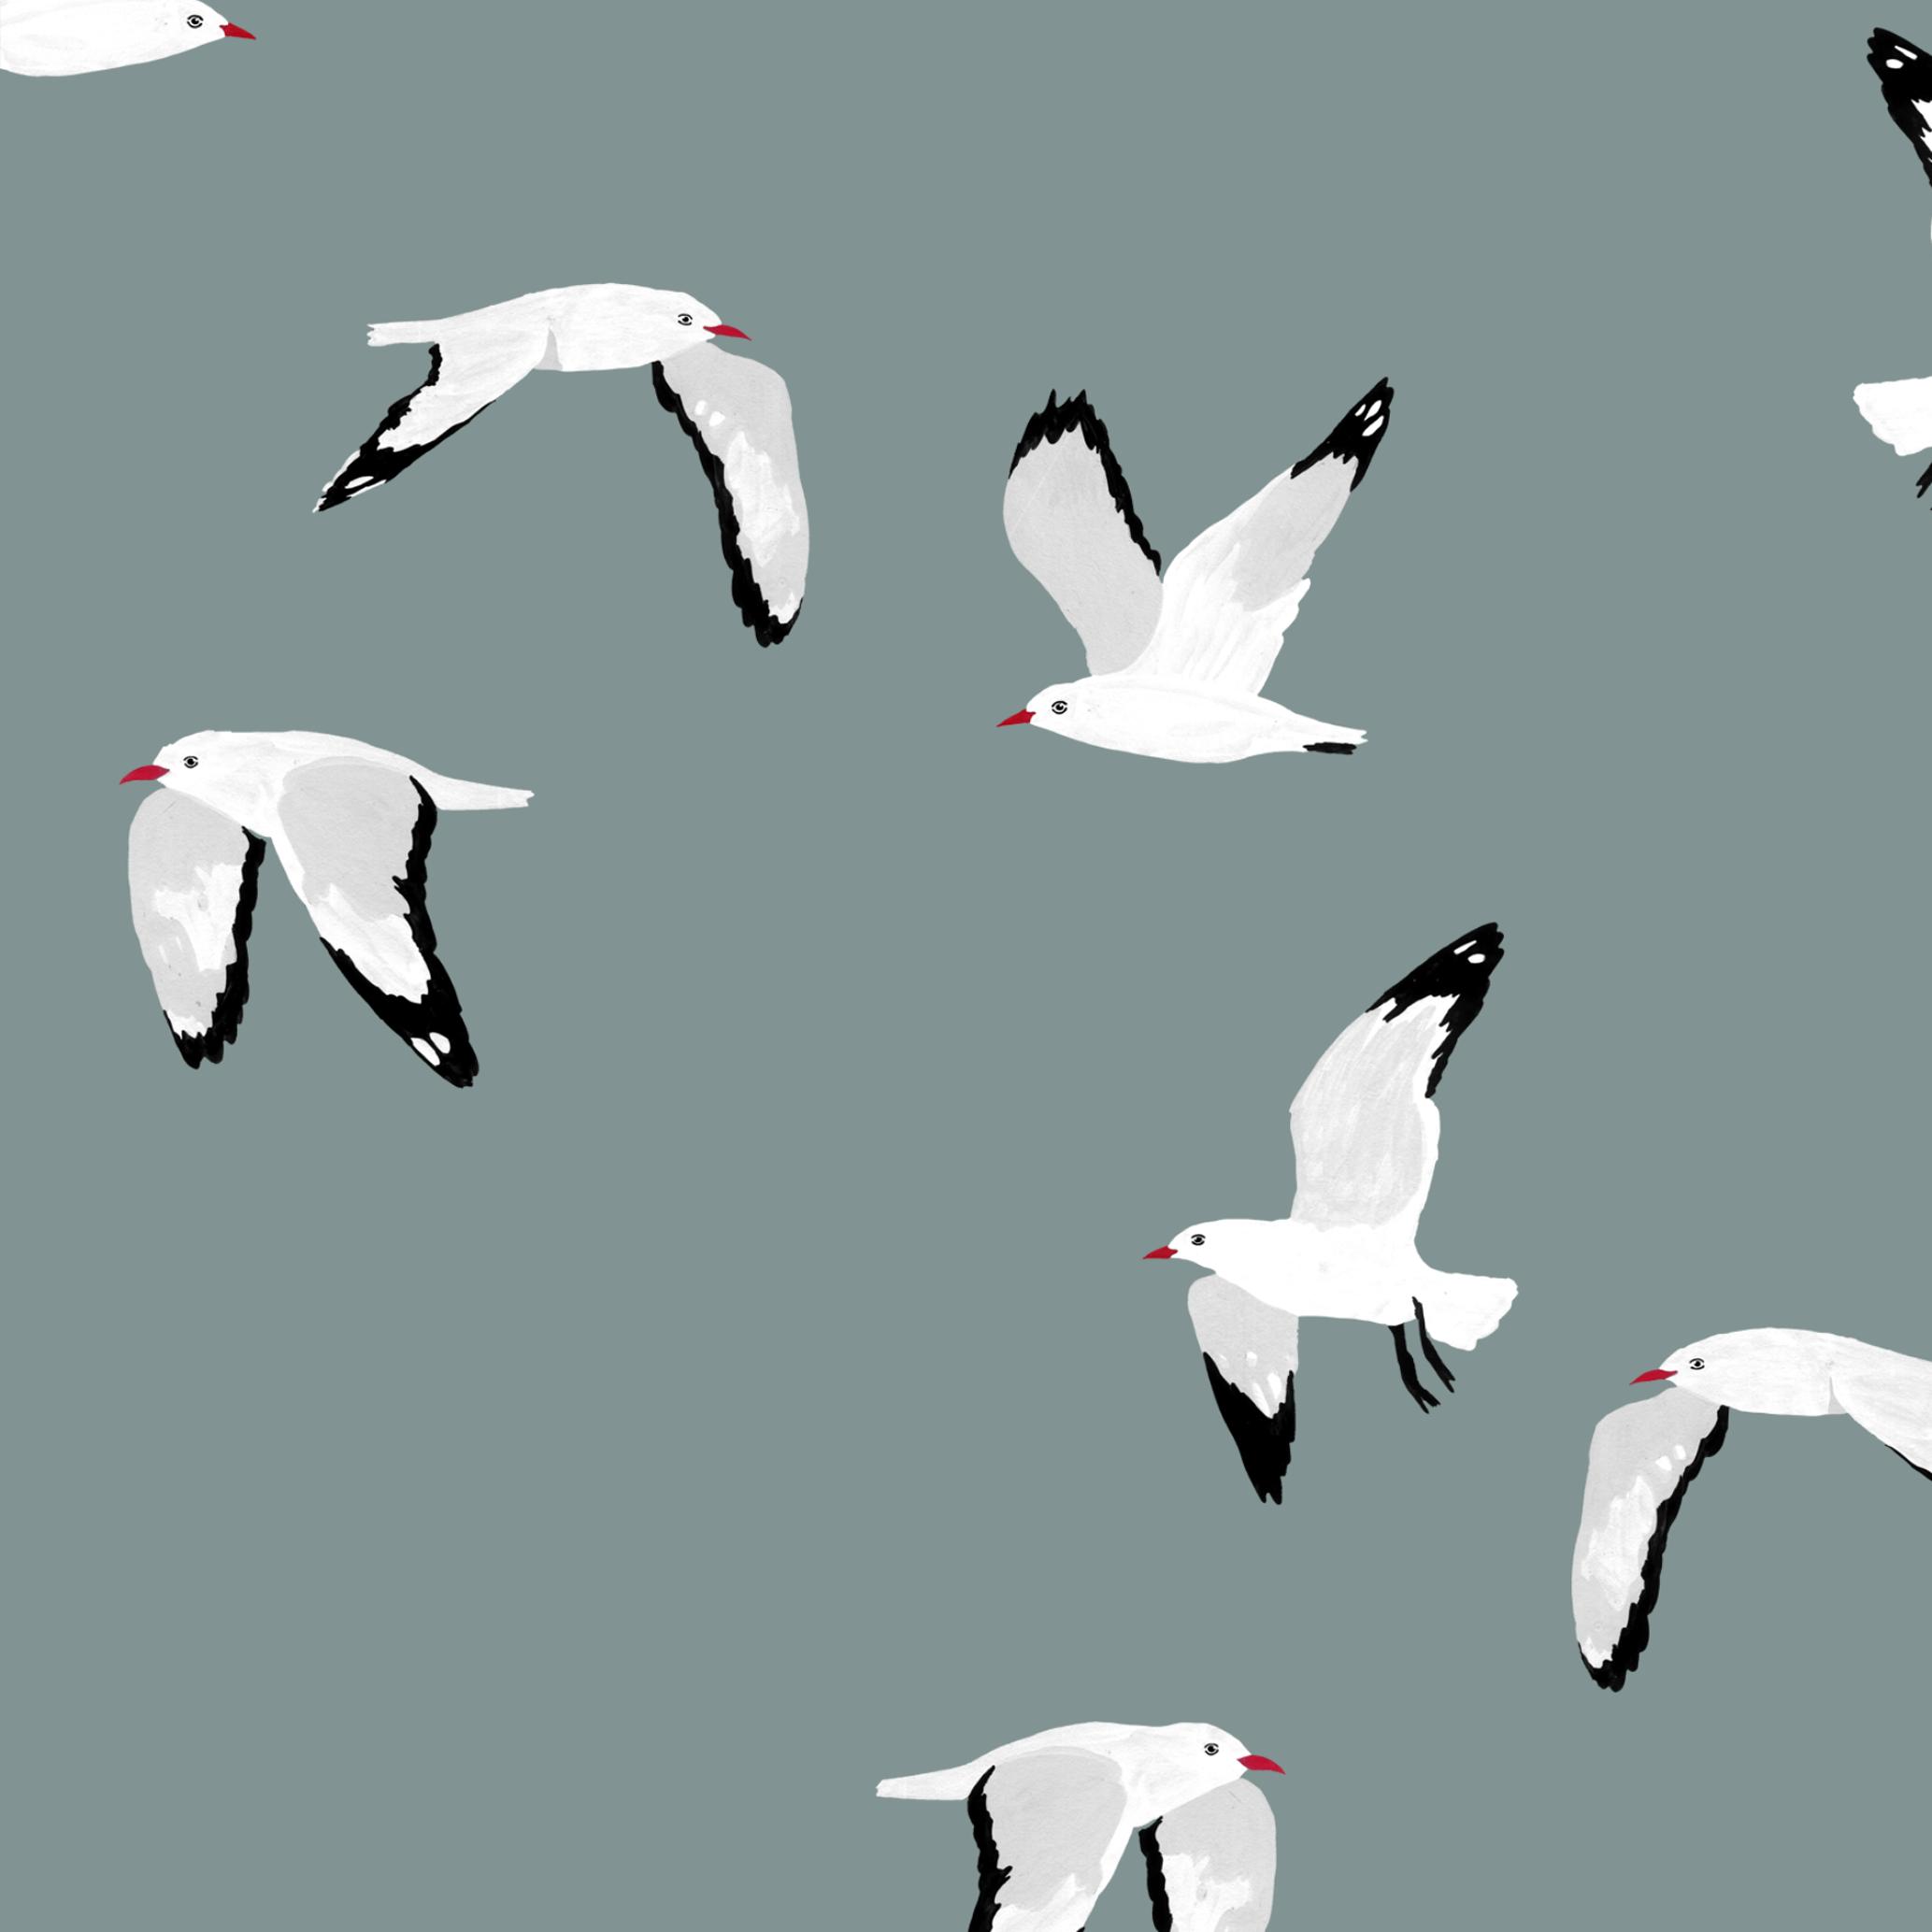 melissa boardman seagulls scatter pattern.png